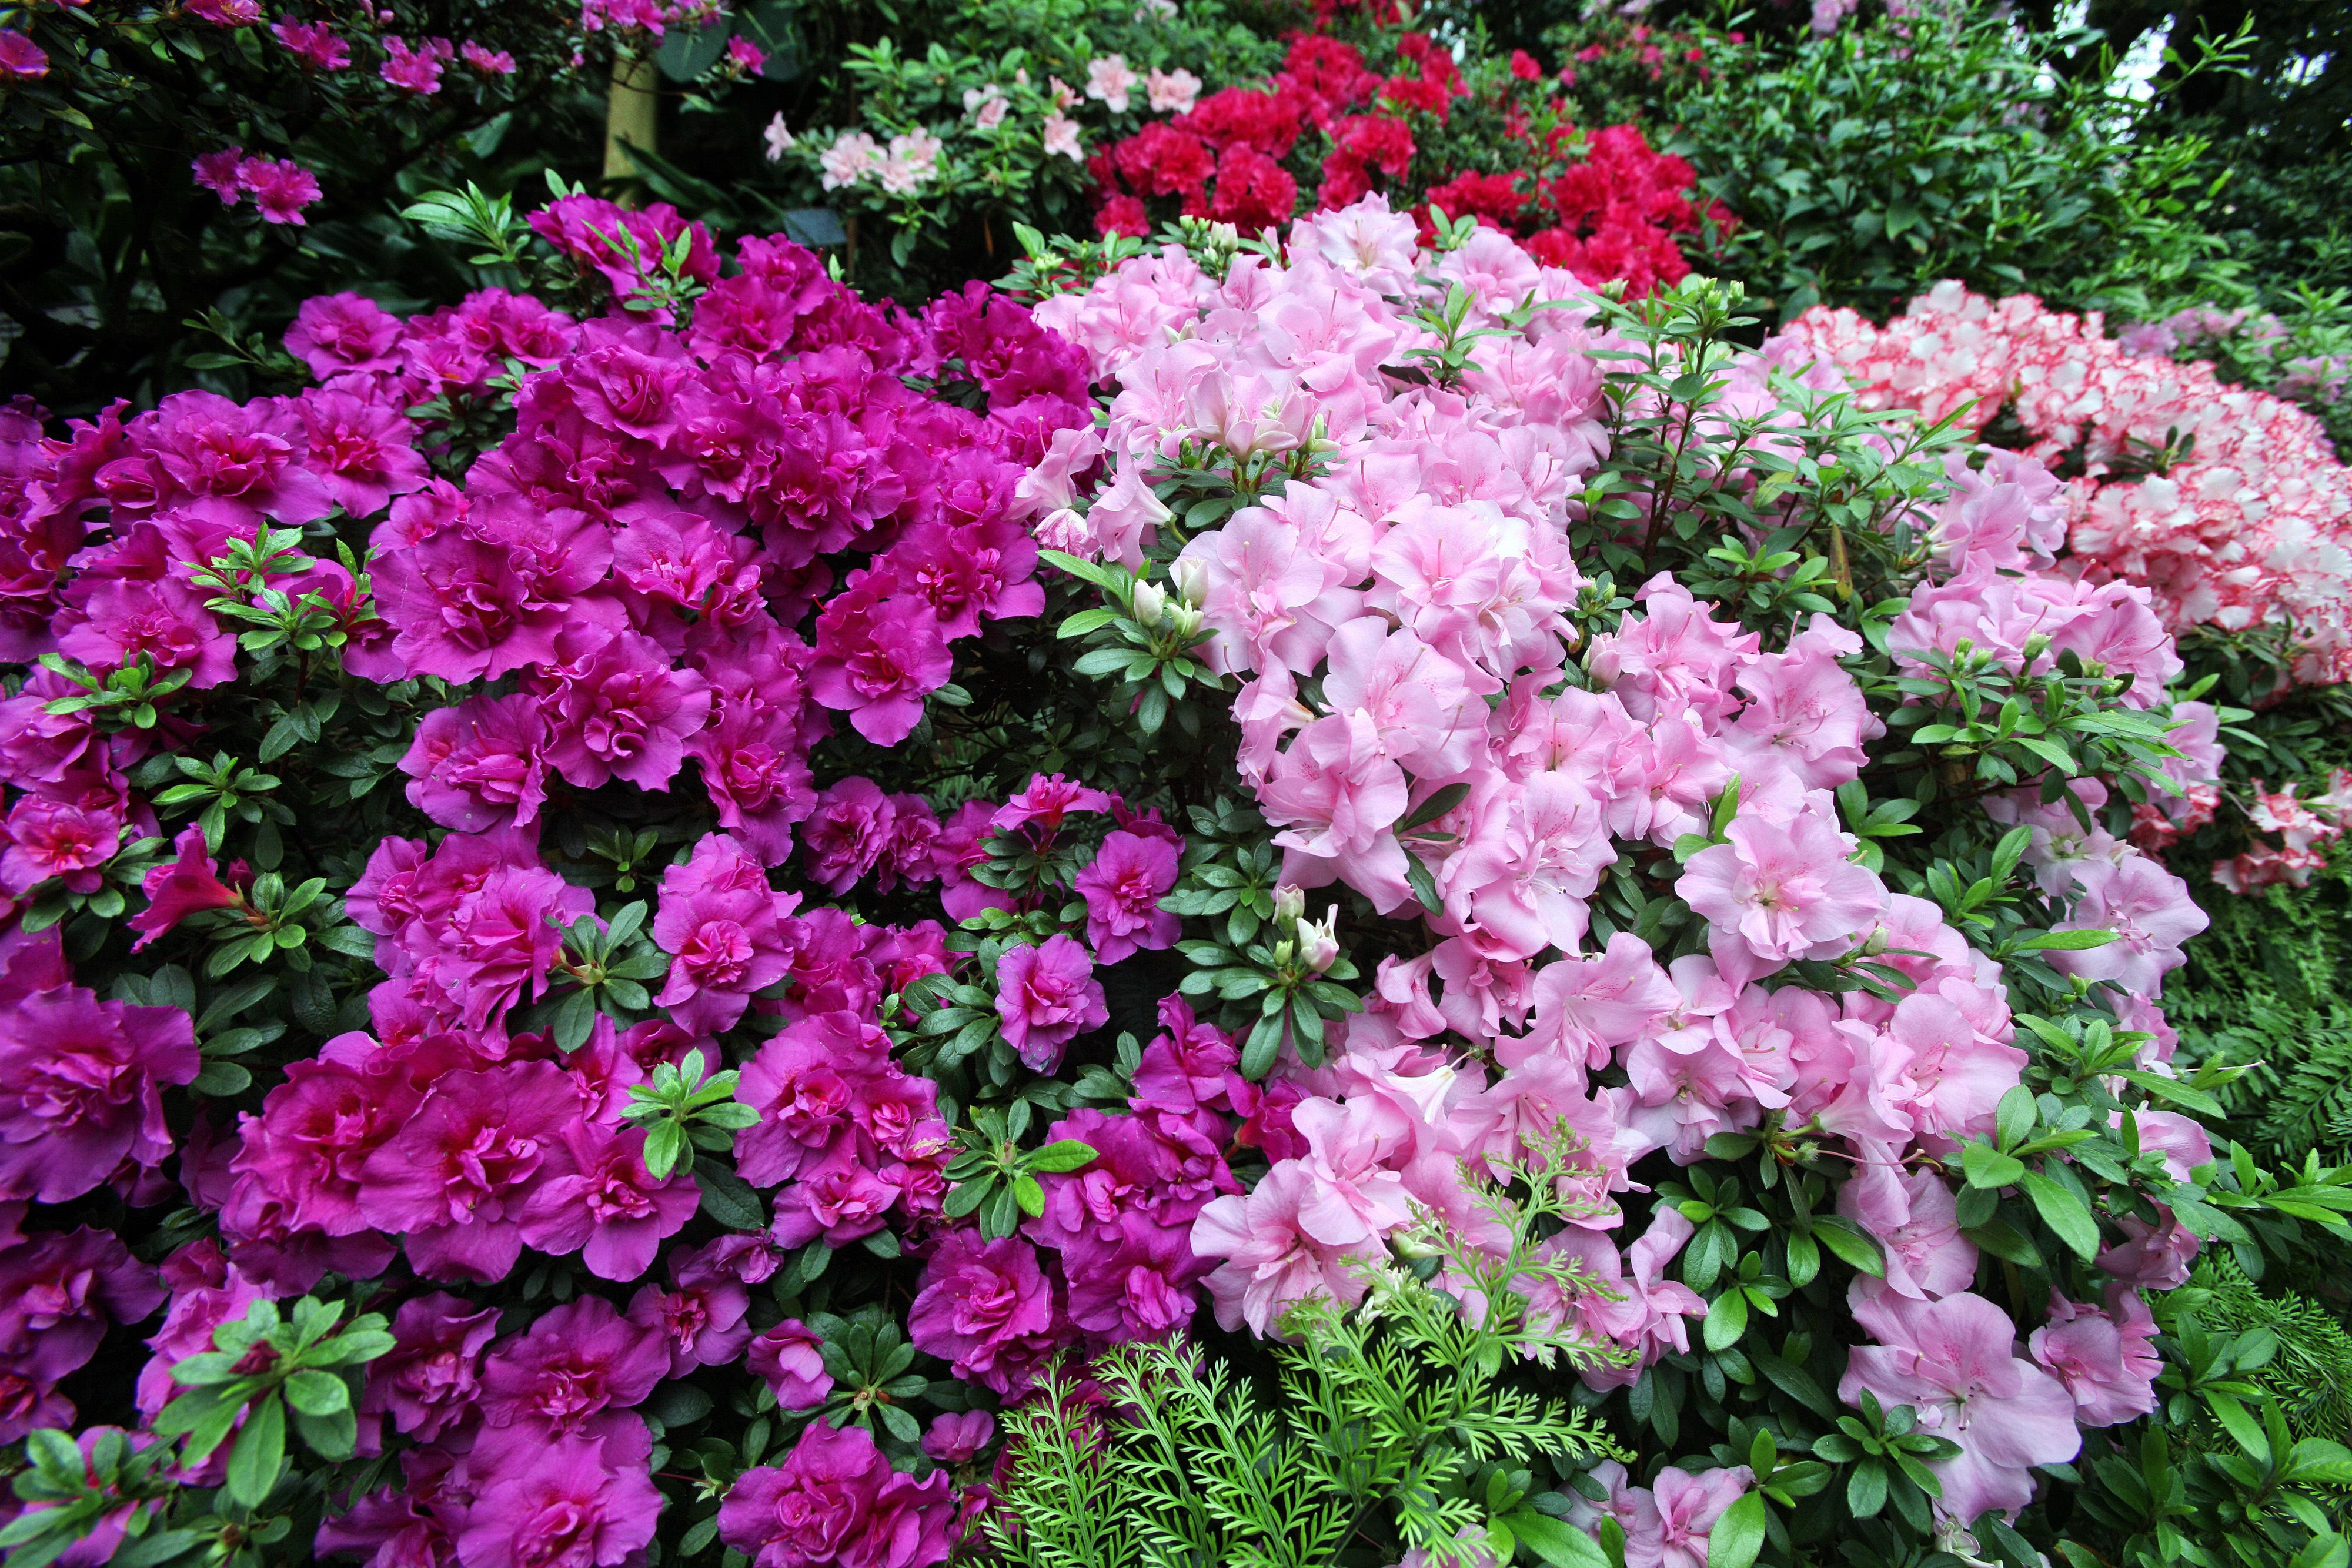 Una explosión de colores. En verano hay ciertos tipos de azaleas que se dan de maravillas en el jardín.